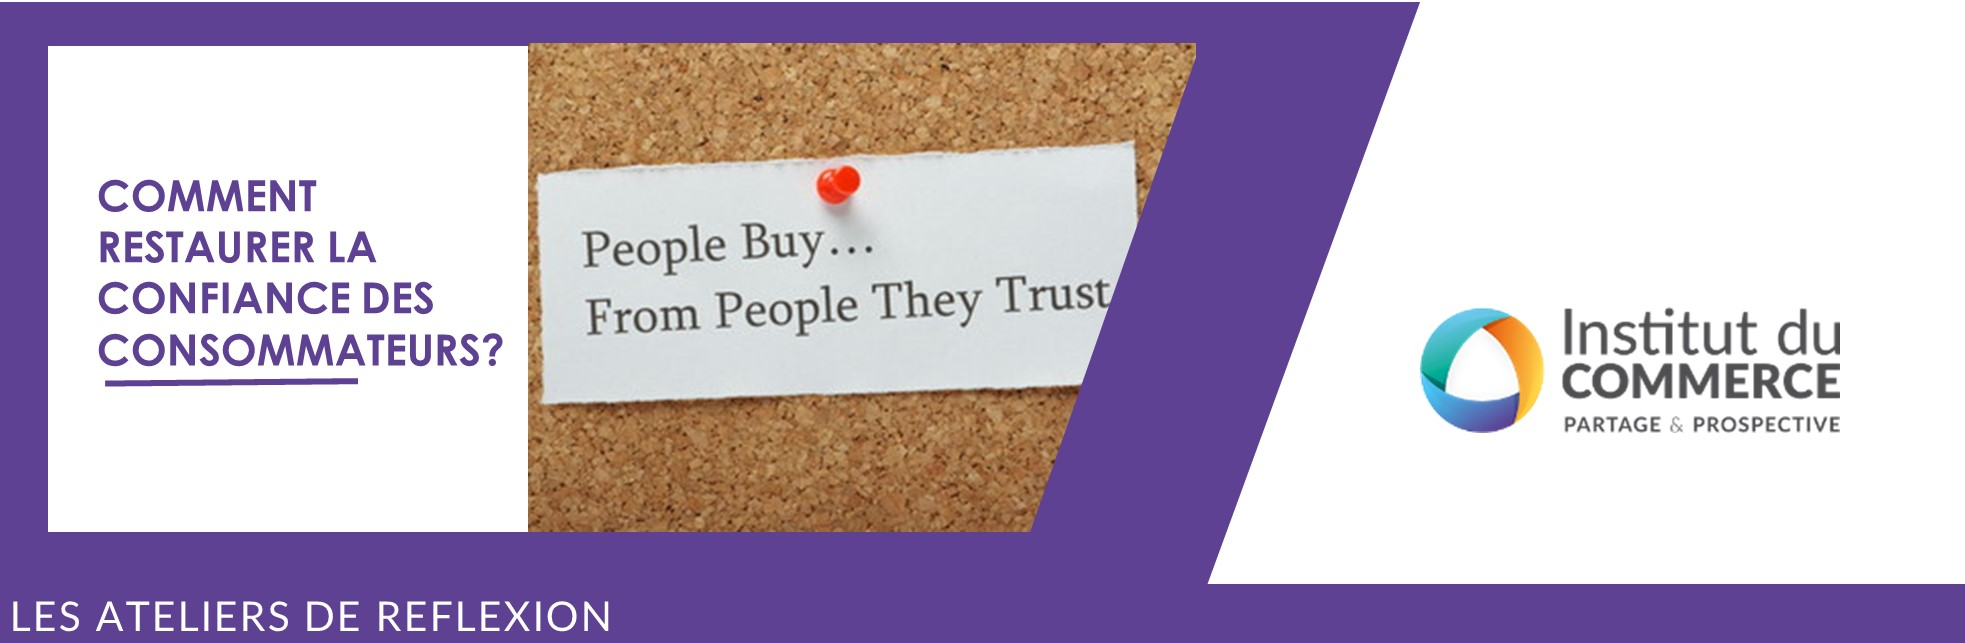 #2 - Comment regagner la confiance des consommateurs?